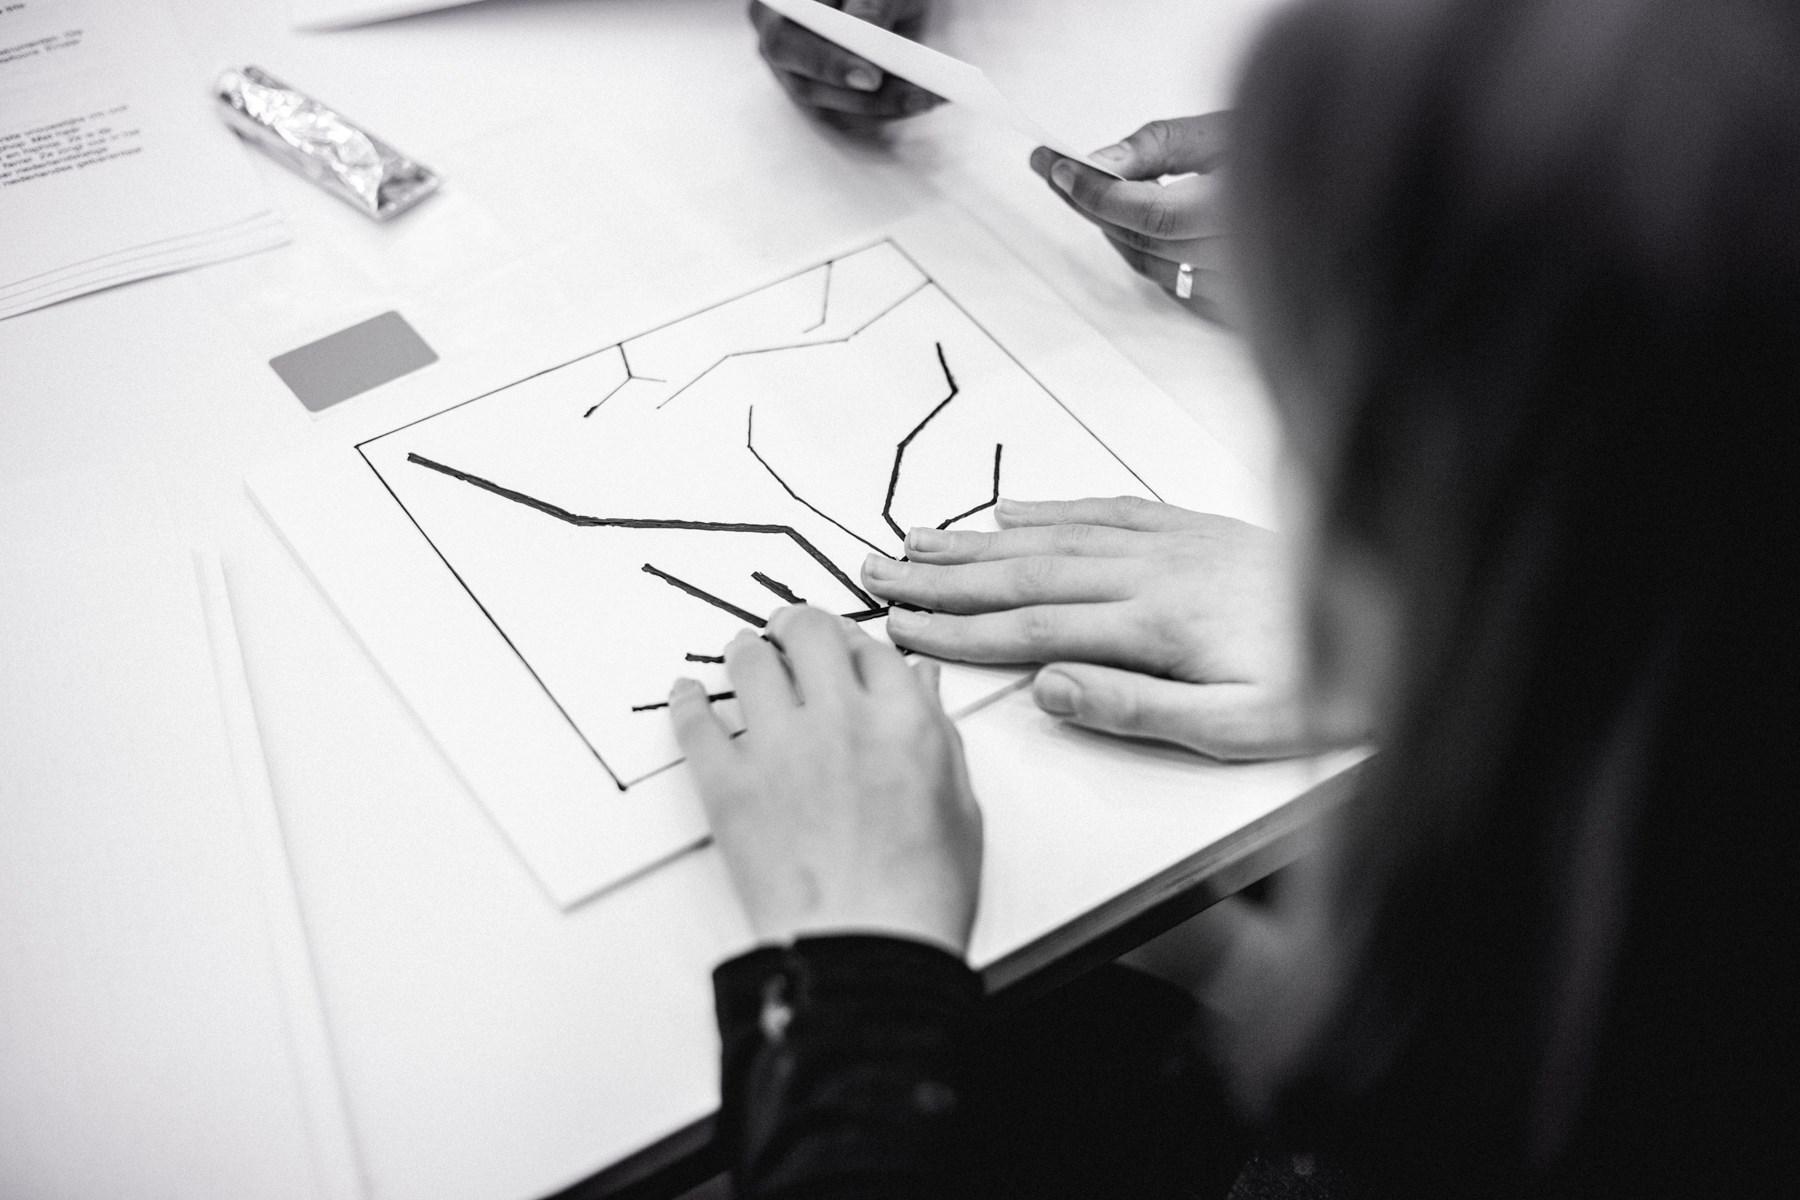 Een zwart wit foto van handen die aan een tactiele tekening voelen